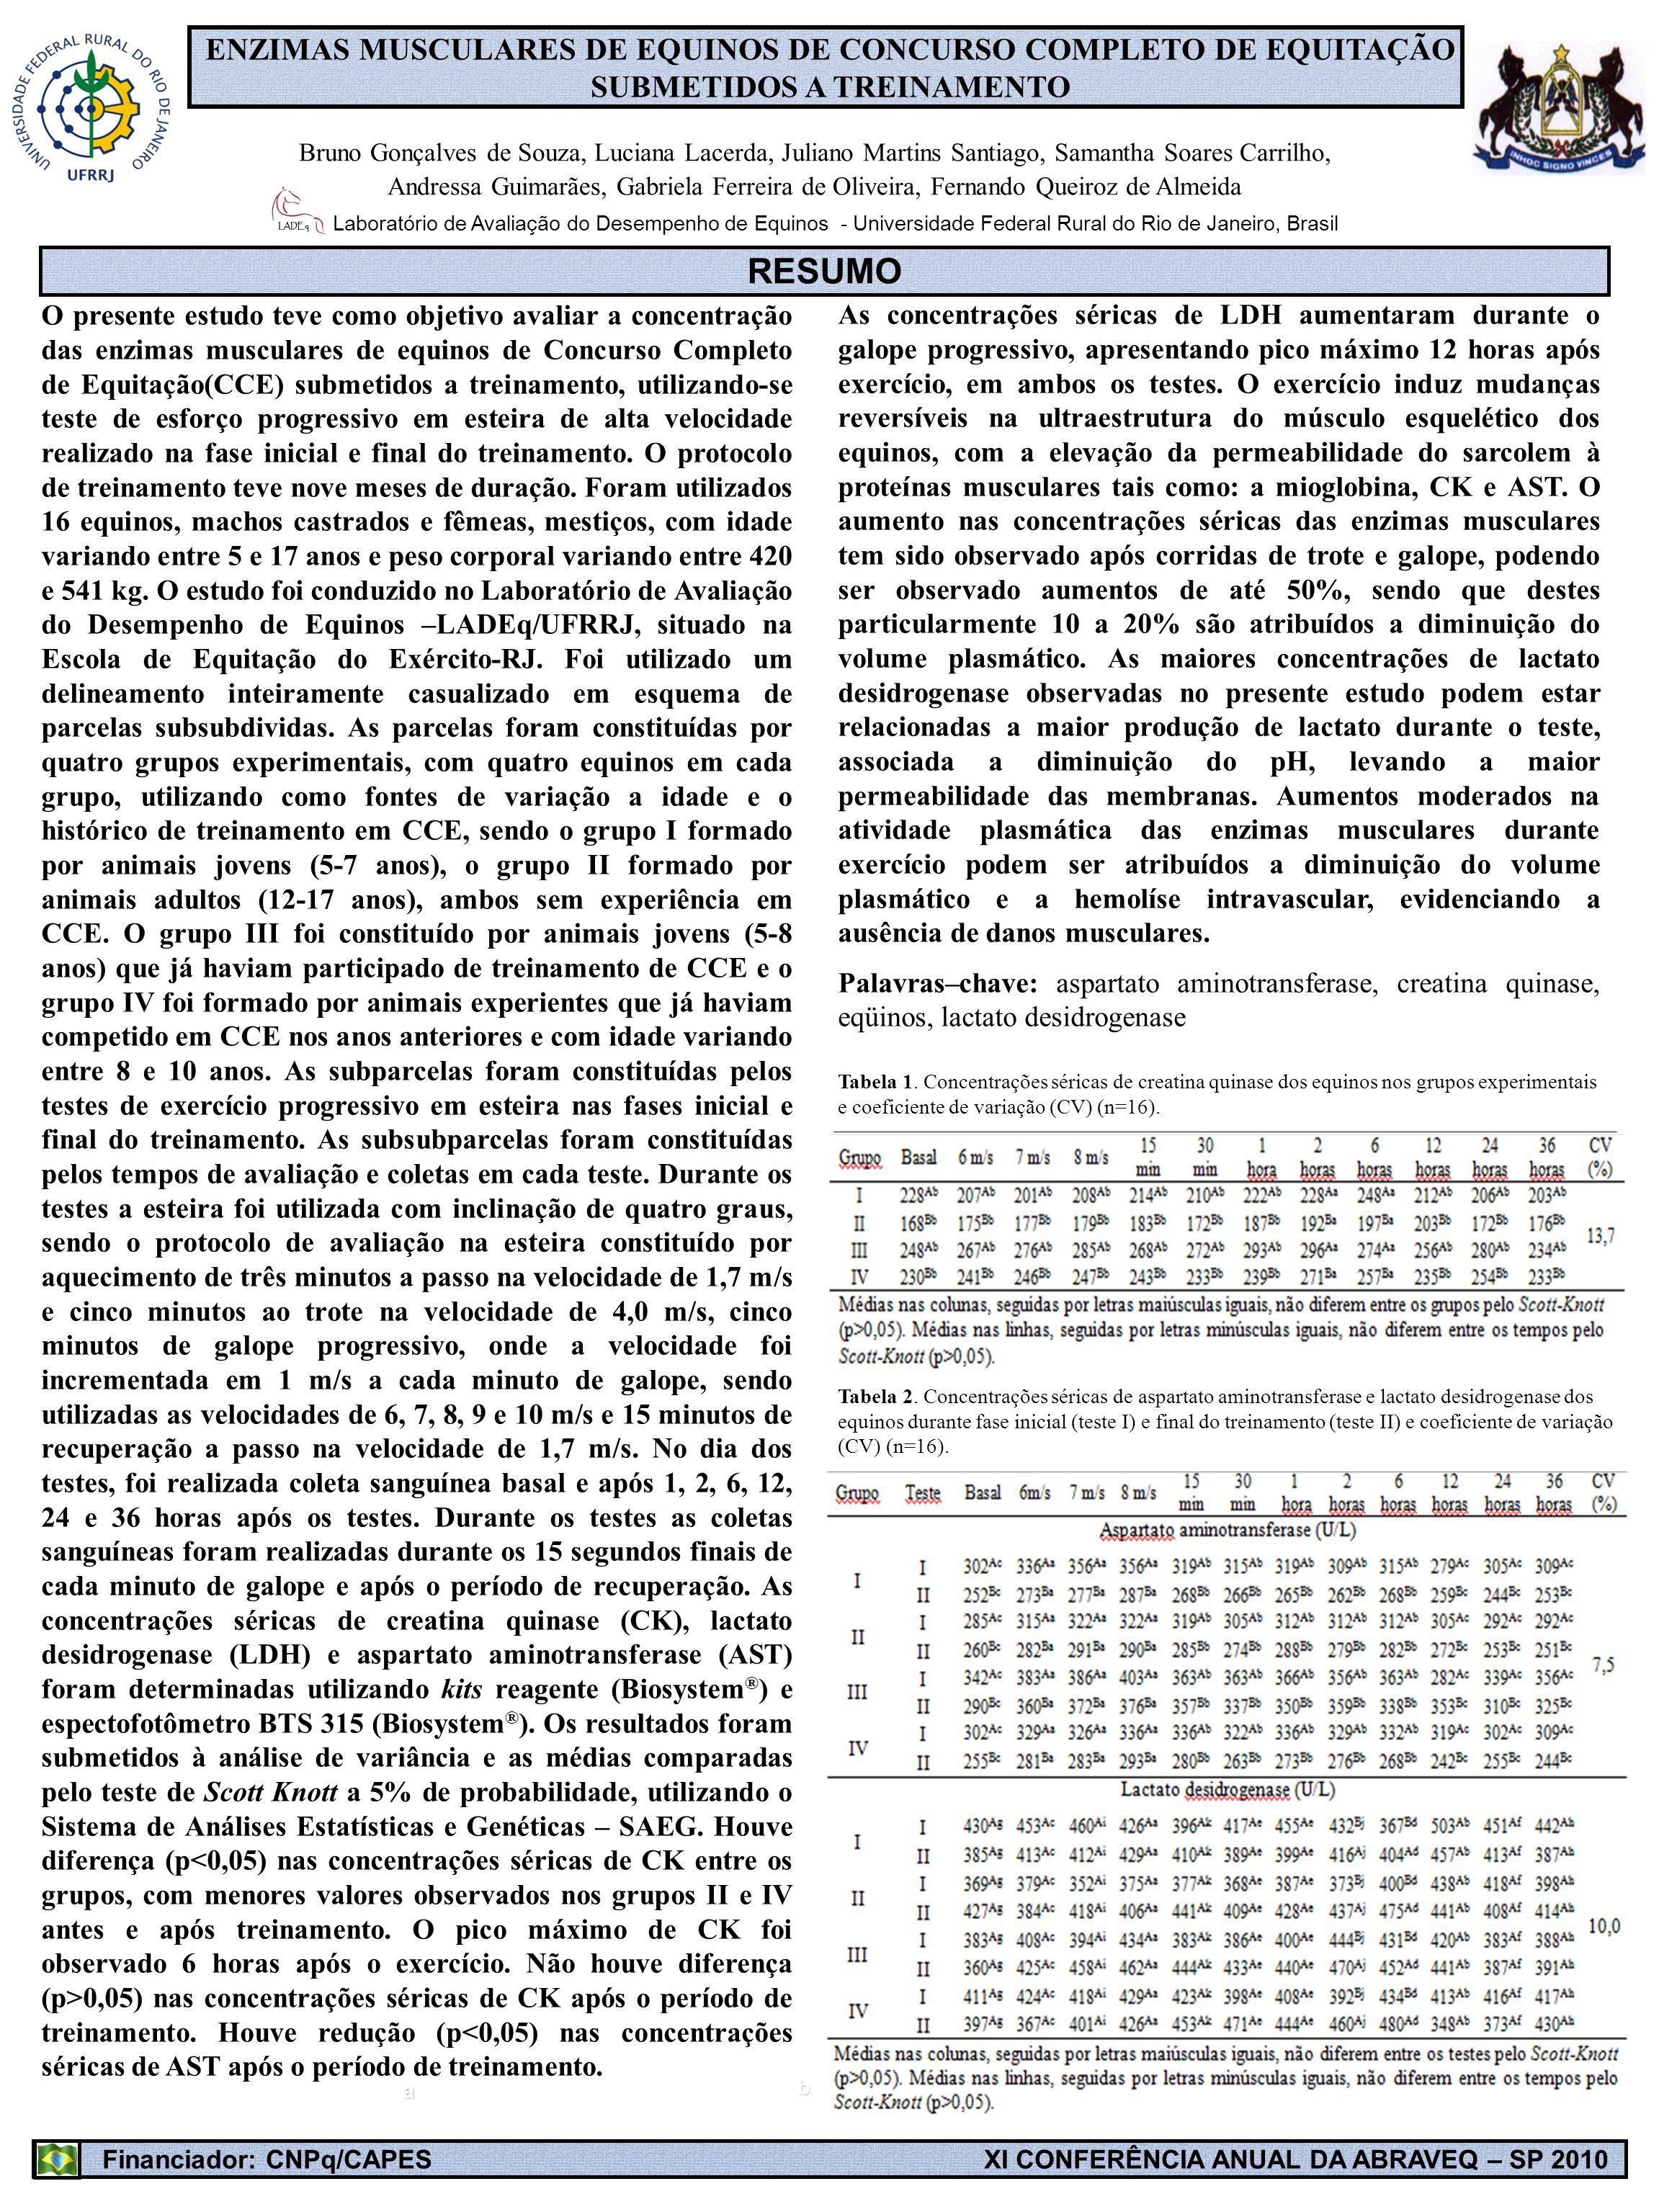 ENZIMAS MUSCULARES DE EQUINOS DE CONCURSO COMPLETO DE EQUITAÇÃO SUBMETIDOS A TREINAMENTO Bruno Gonçalves de Souza, Luciana Lacerda, Juliano Martins Sa